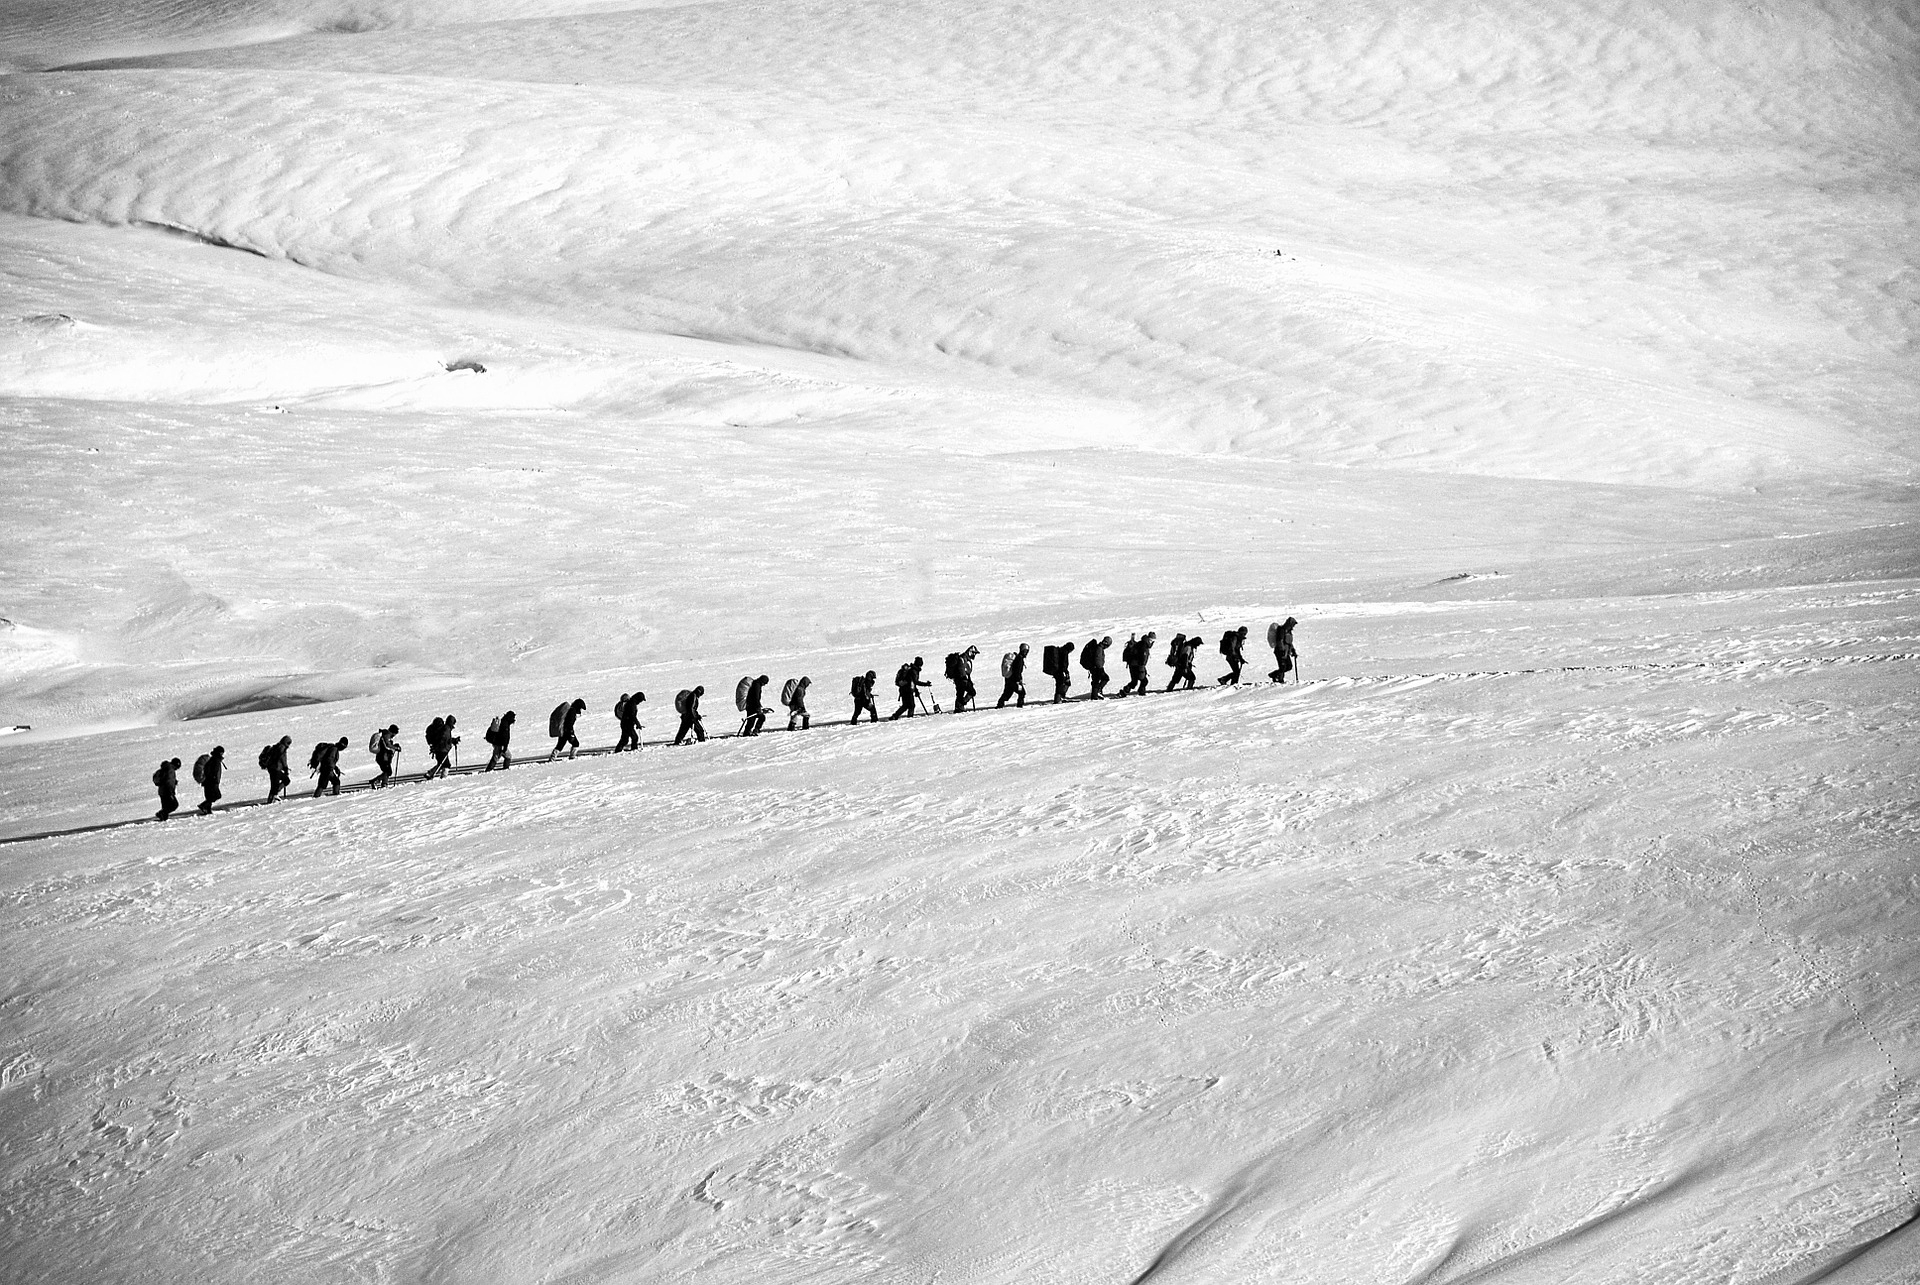 """Teamplay - Inhouse-Seminar mit Andreas SteffenWas unterscheidet ein Team von einer Gruppe? Welche Phasen durchläuft ein Team, bevor es wirklich wirksam wird? Wie steht es um unser Teamkonto? Was macht uns gemeinsam stark und wie definieren (und feiern) wir eigentlich """"Erfolg""""?Antworten auf genau diese und noch weitere Fragen gibt das zweitägige Seminar anhand von praxistauglichen Übungen und Werkzeugen, die direkt in den Arbeitsalltag integriert werden können.Zum Seminar-Angebot"""